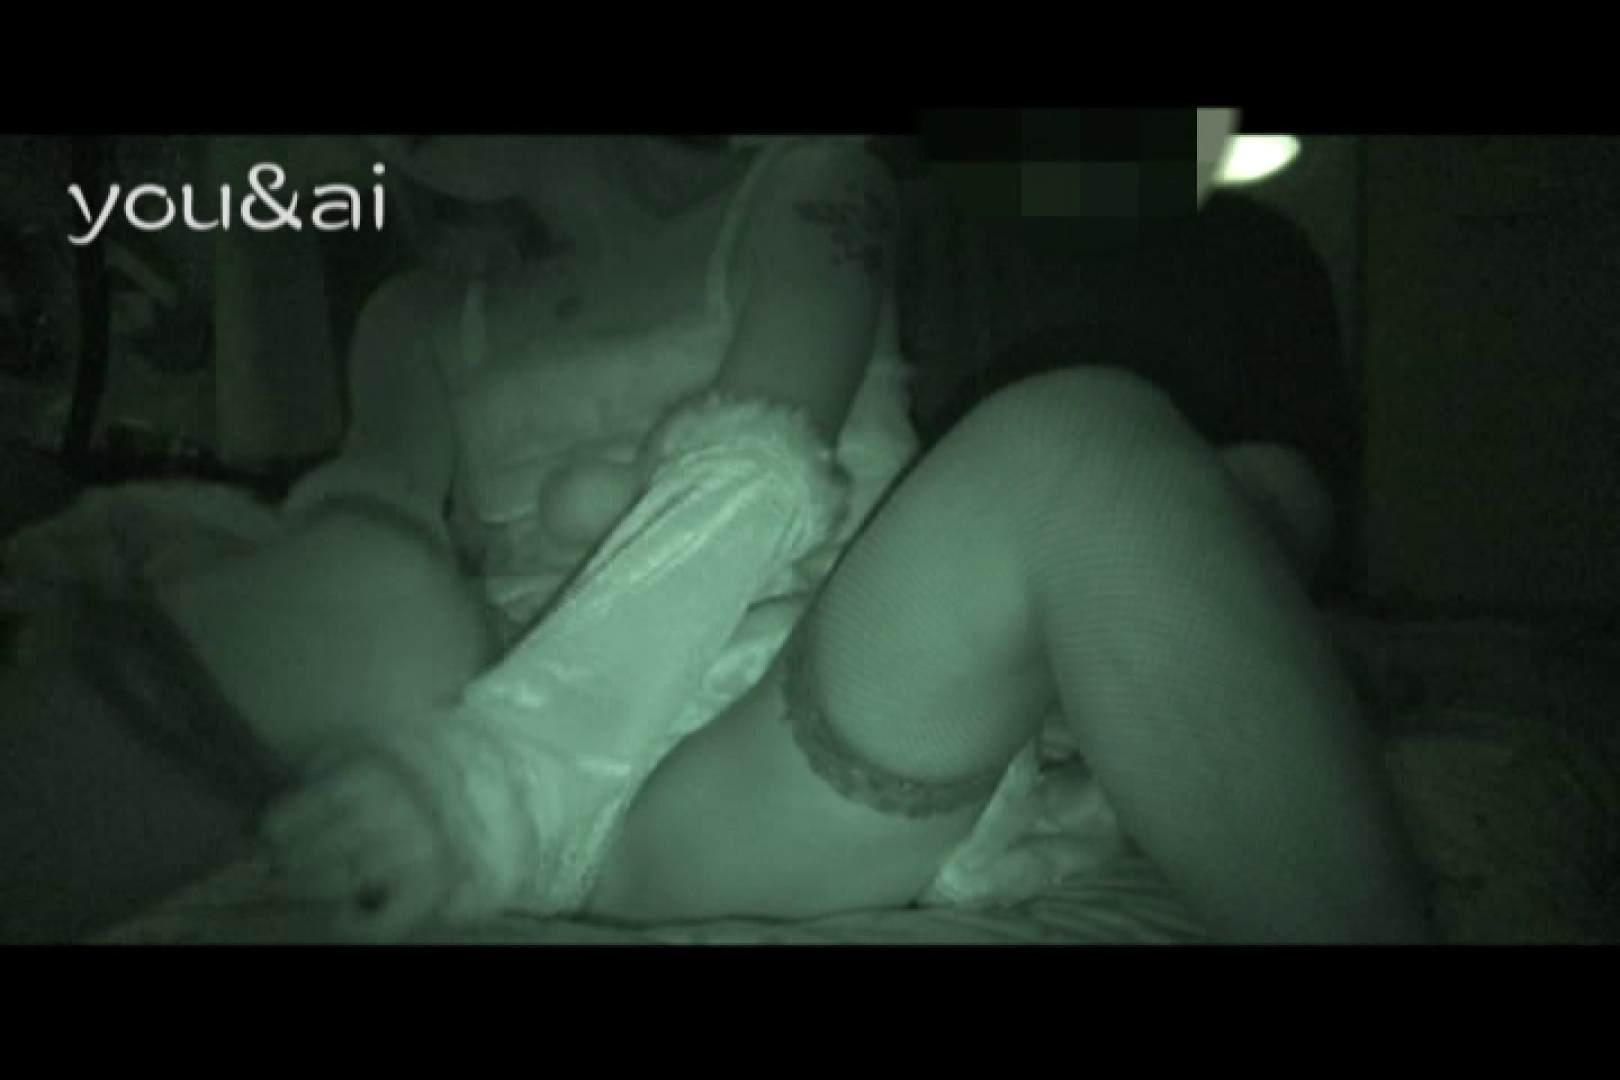 おしどり夫婦のyou&aiさん投稿作品vol.5 ホテル オメコ無修正動画無料 102画像 35